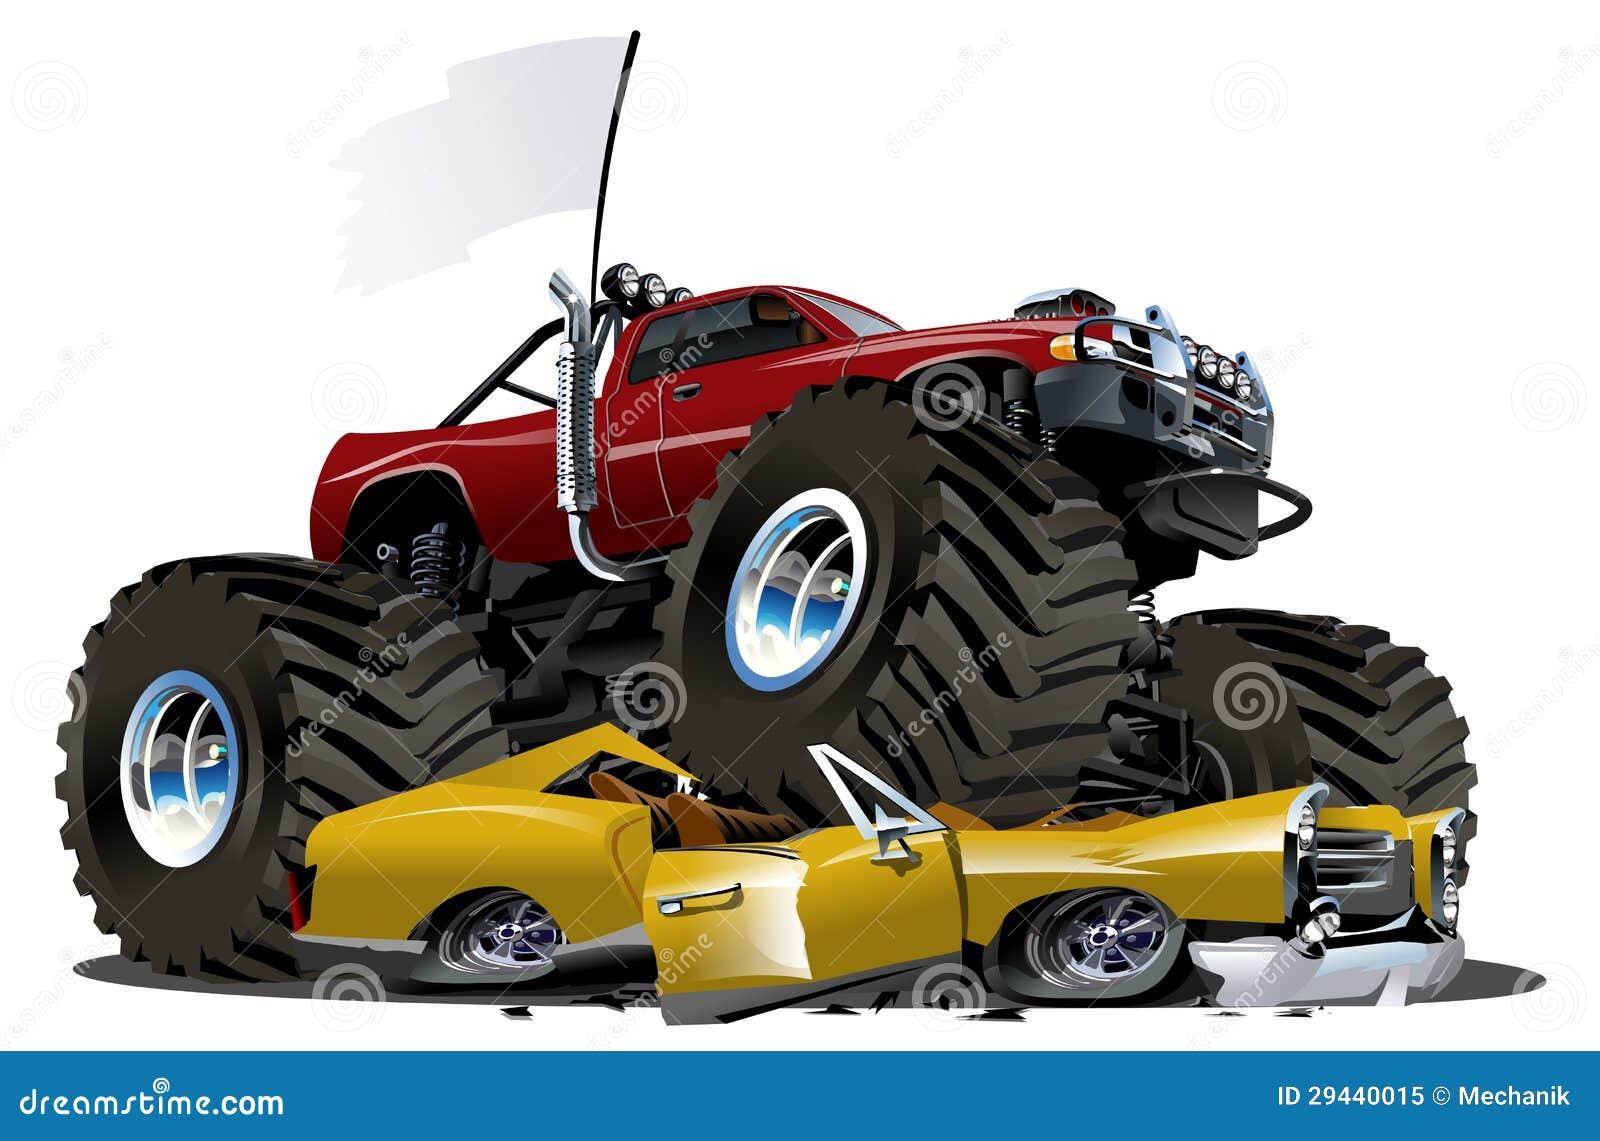 vector cartoon monster truck stock vector illustration of custom